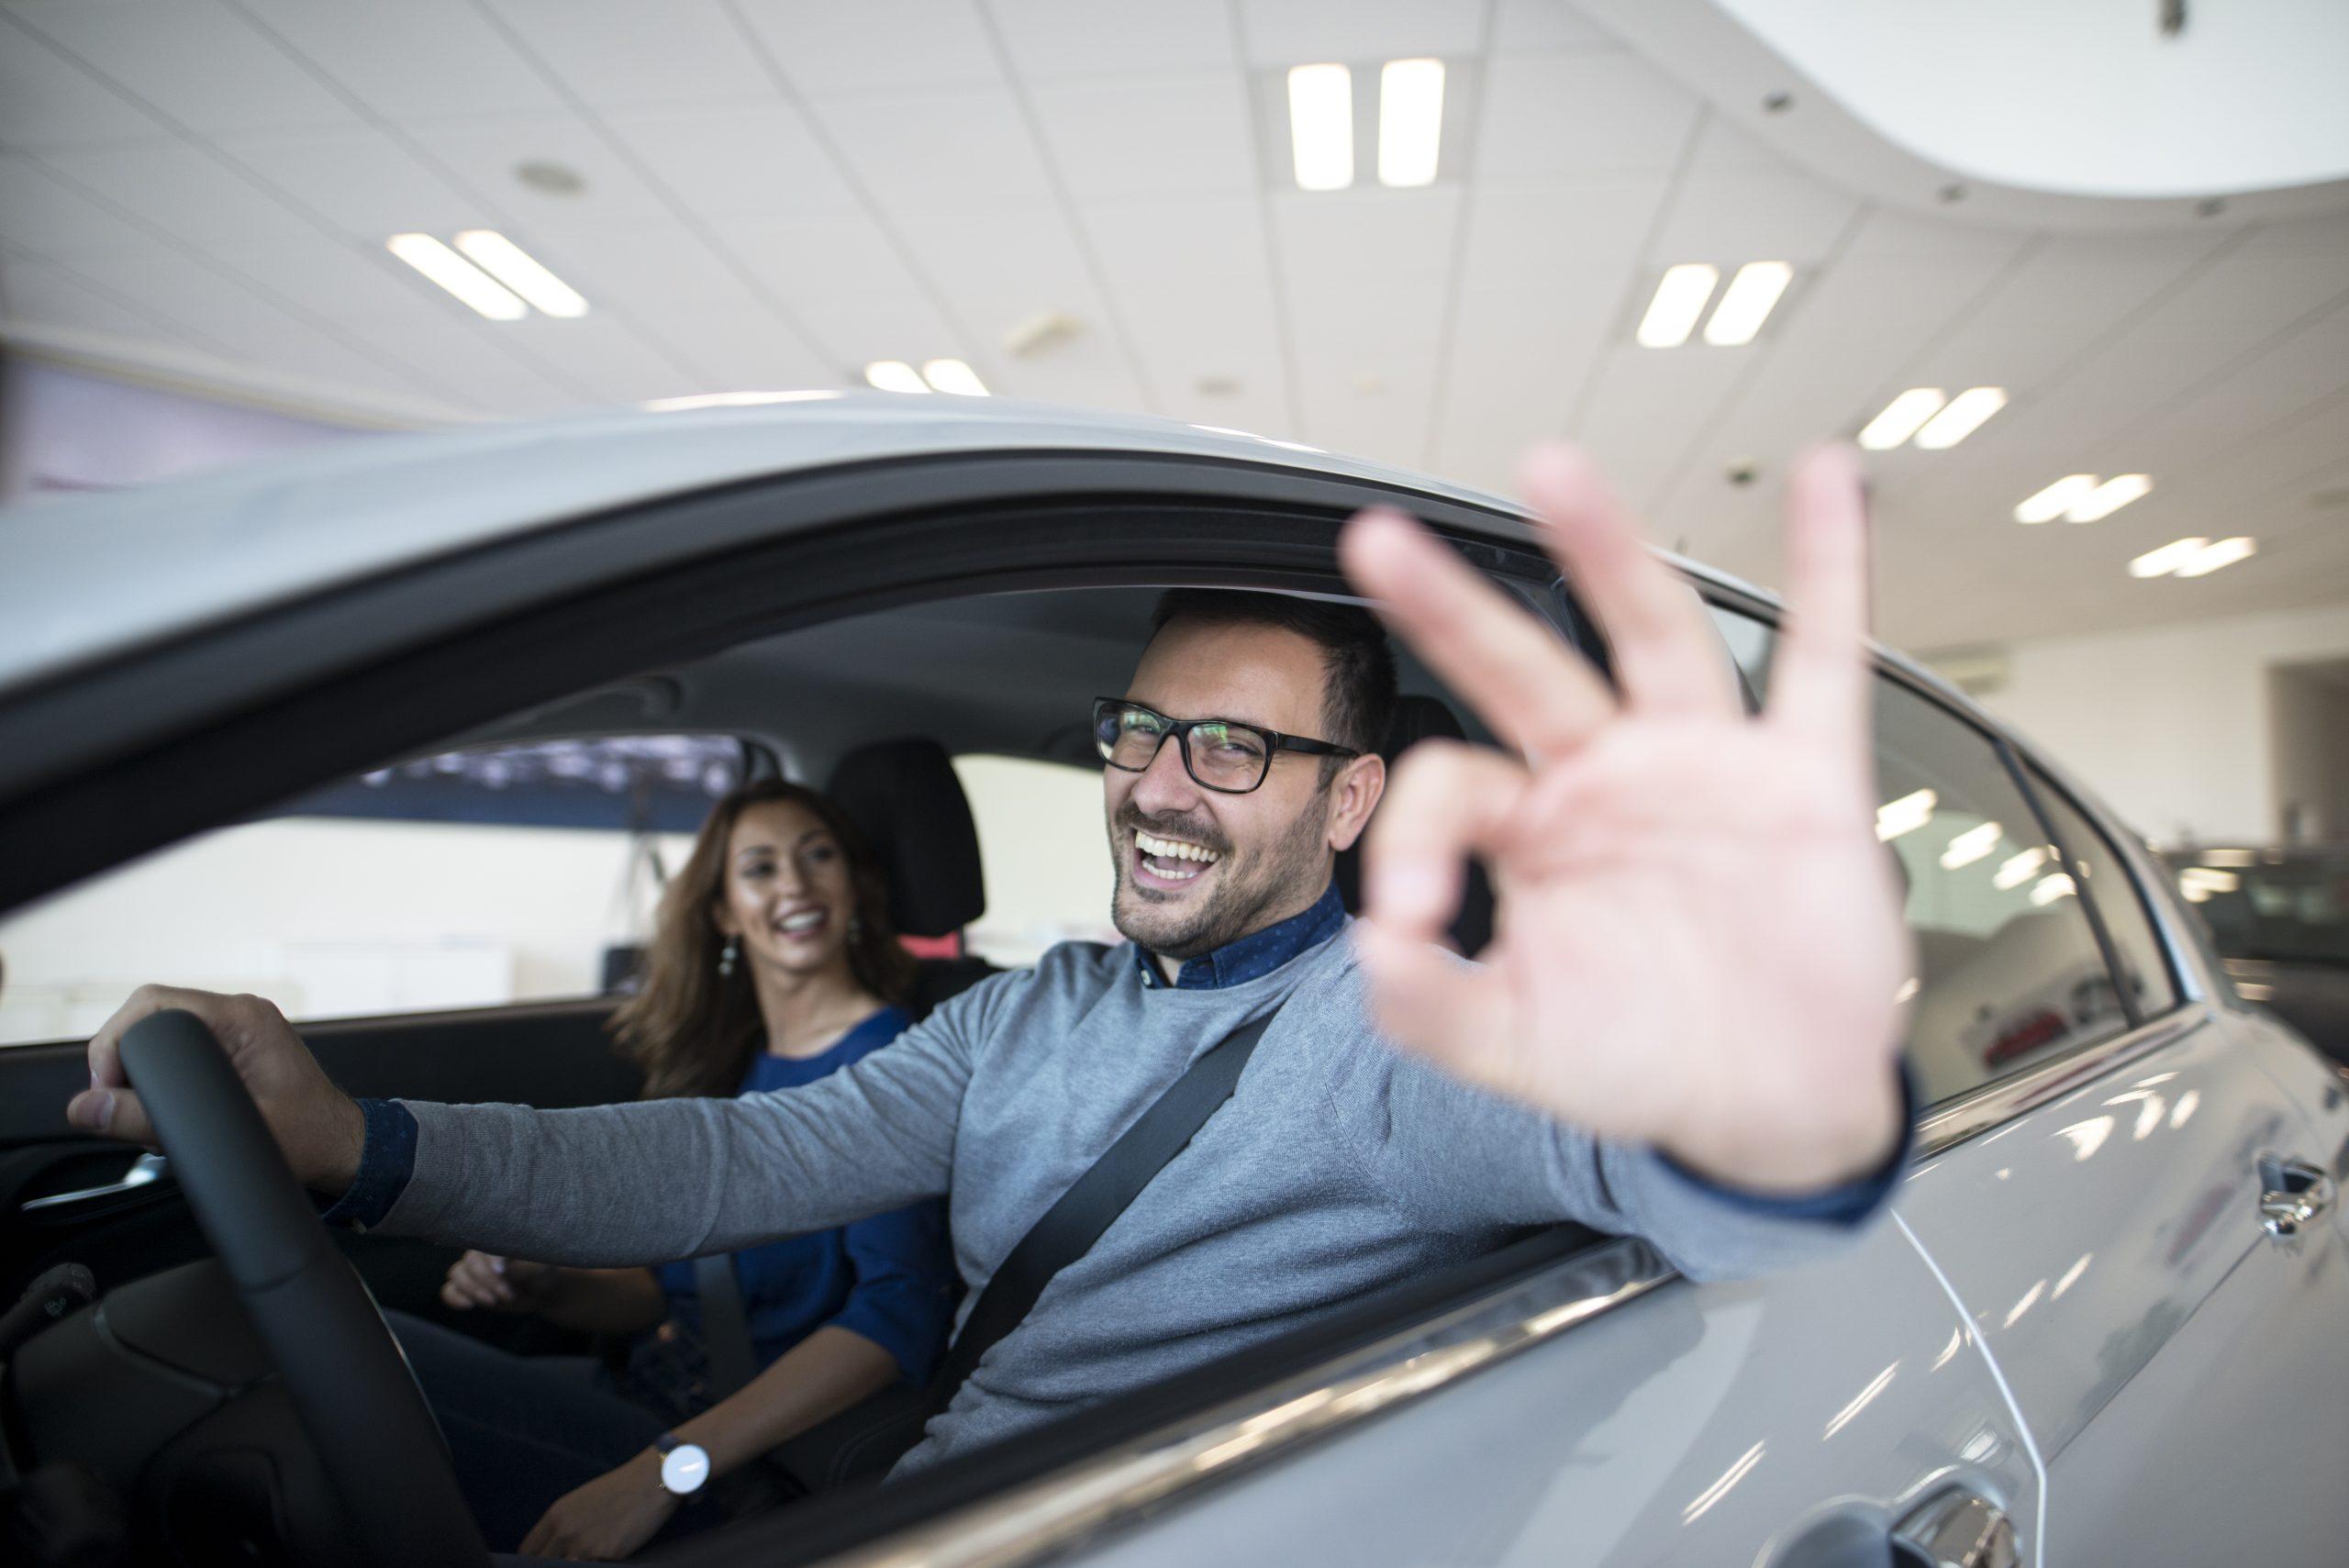 ¿Por qué un coche sin carnet? Pros y contras